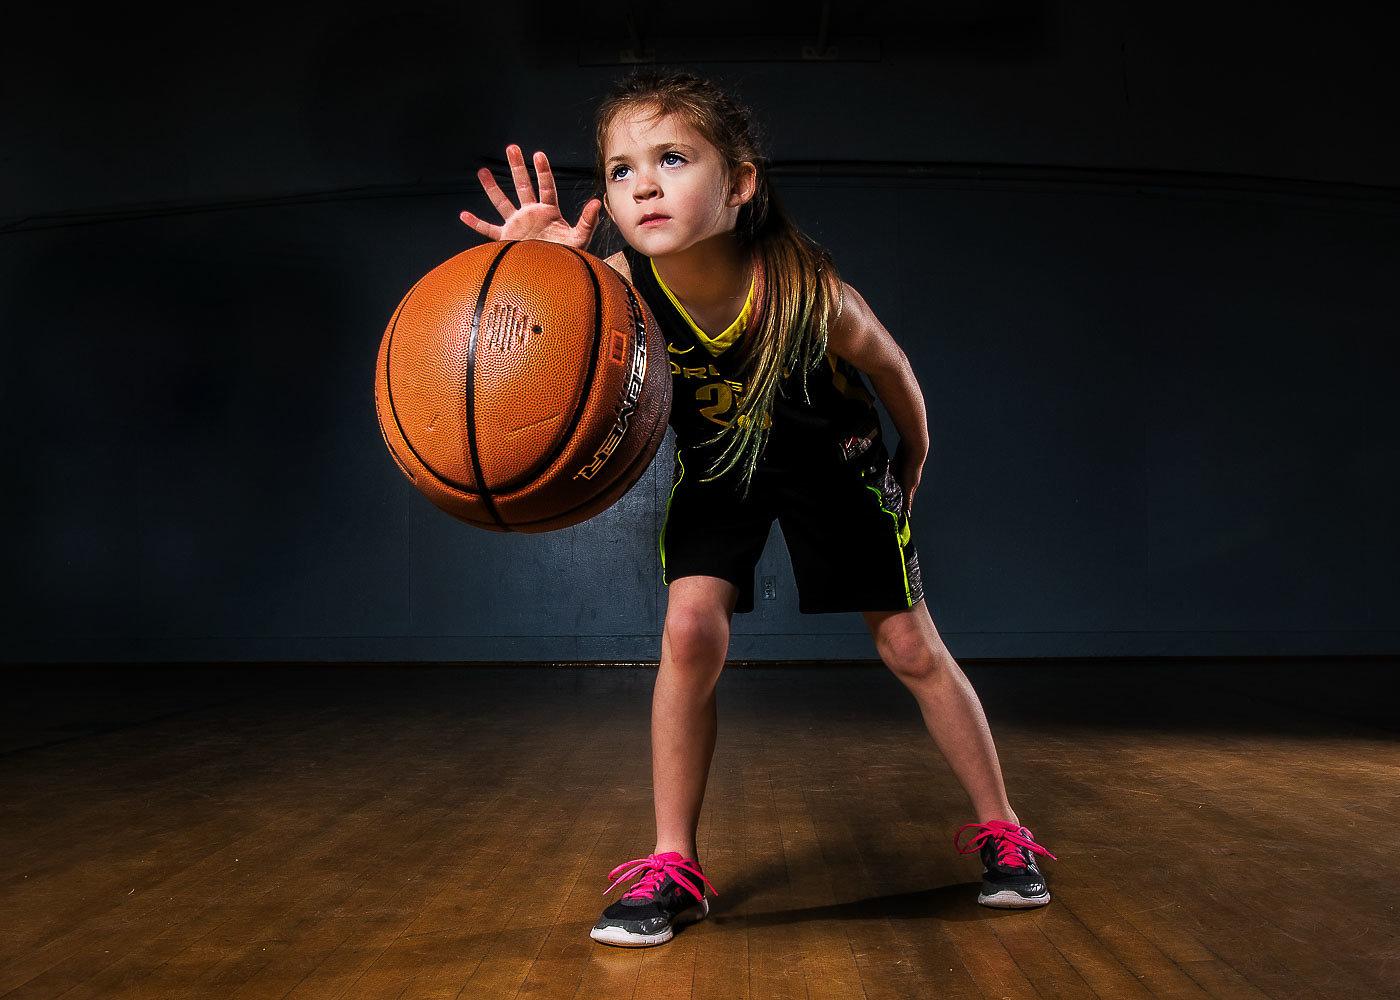 Parky'sPicsSportraits-HumboldtCountySportsPhotography-Parky'sPics-4.JPG